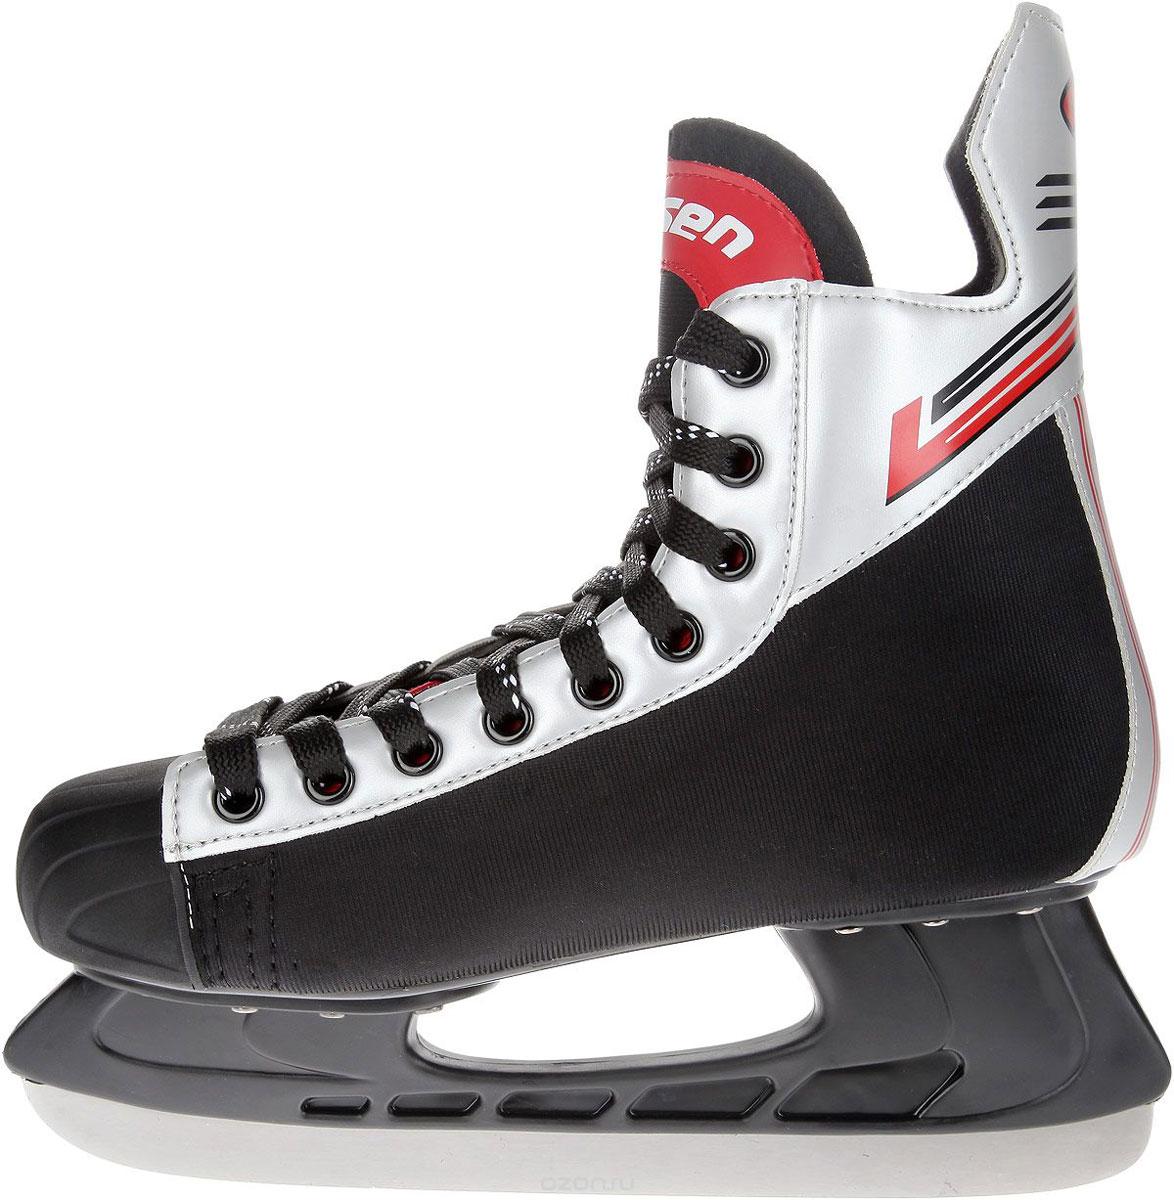 Коньки хоккейные мужские Larsen Alex, цвет: черный, серебристый, красный. Размер 41